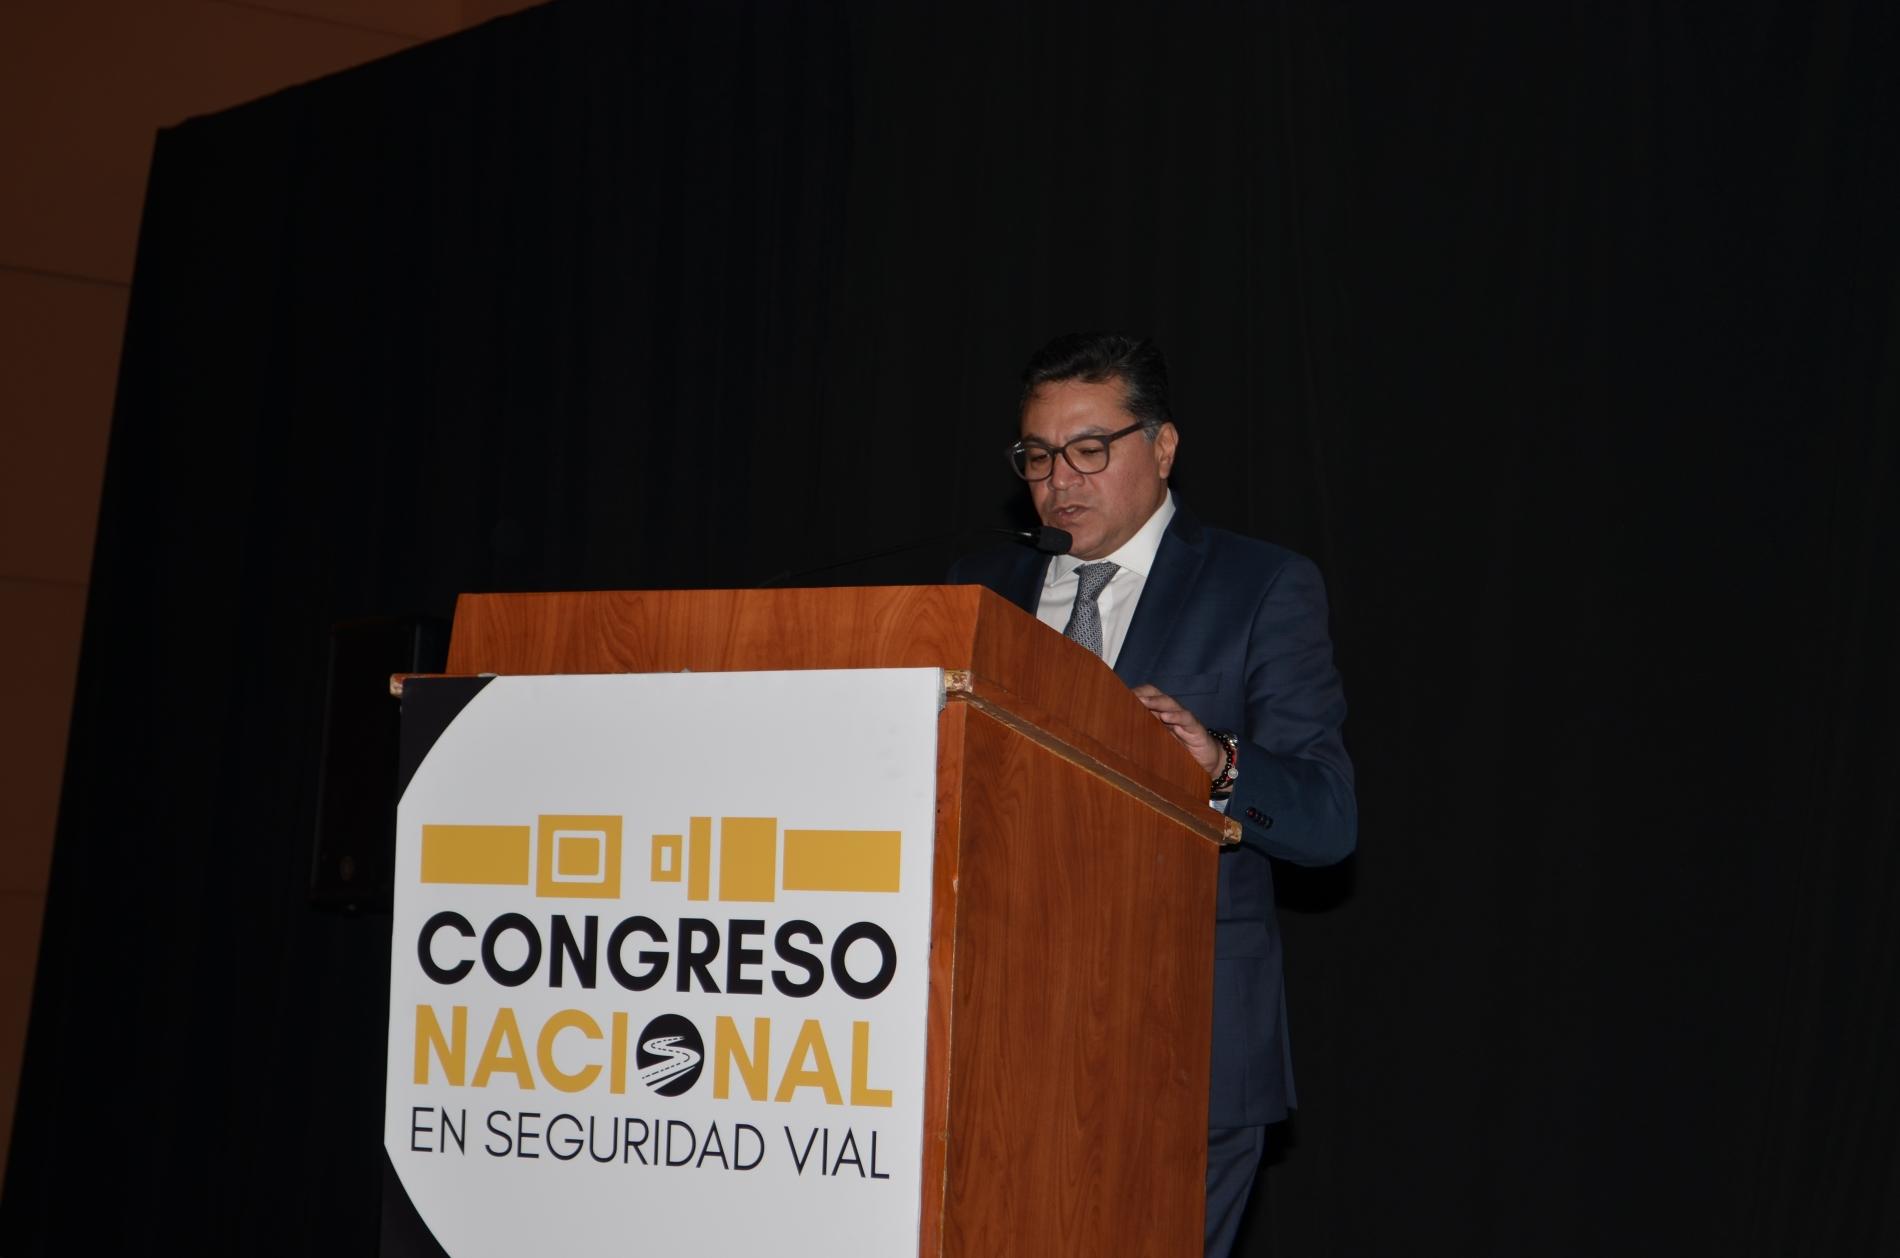 Congreso Nacional en Seguridad Vial, sinergias en pro de la competitividad